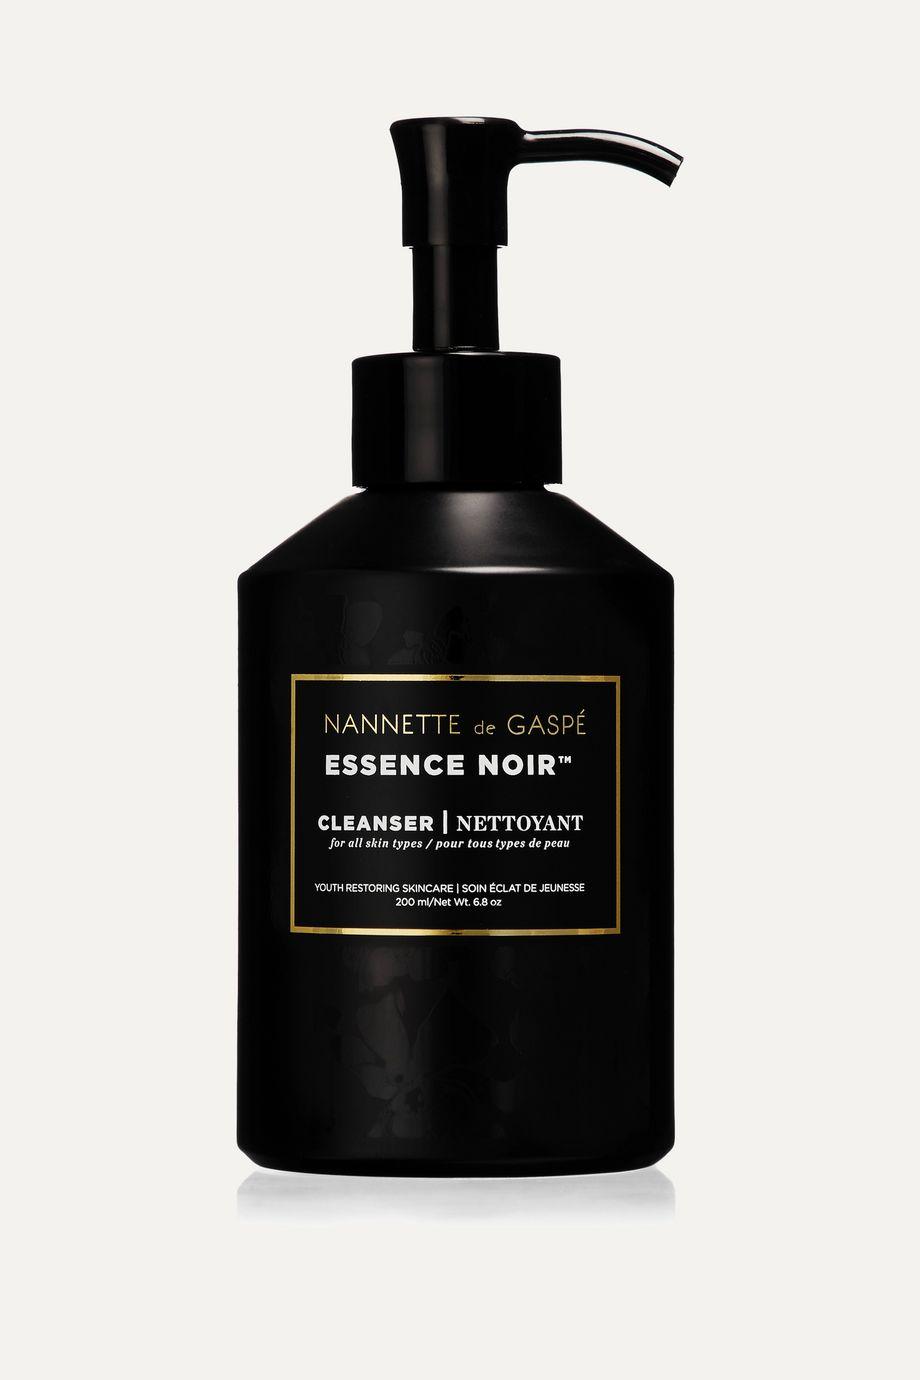 Nannette de Gaspé Art of Noir - Essence Noir Cleanser, 200ml